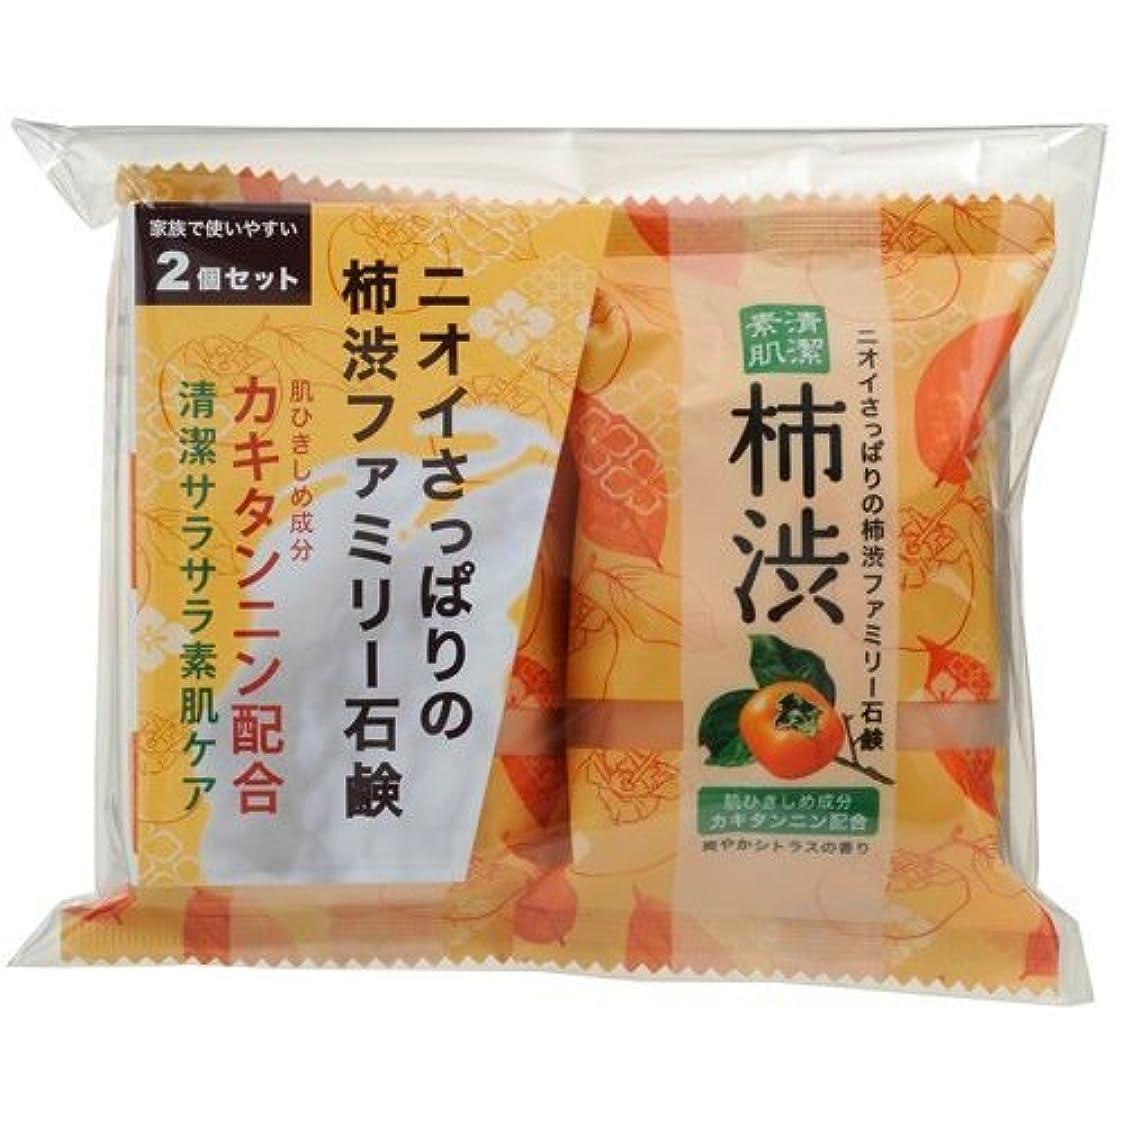 フィードオンストラトフォードオンエイボン種類ペリカン石鹸 ファミリー柿渋石けん2コパック